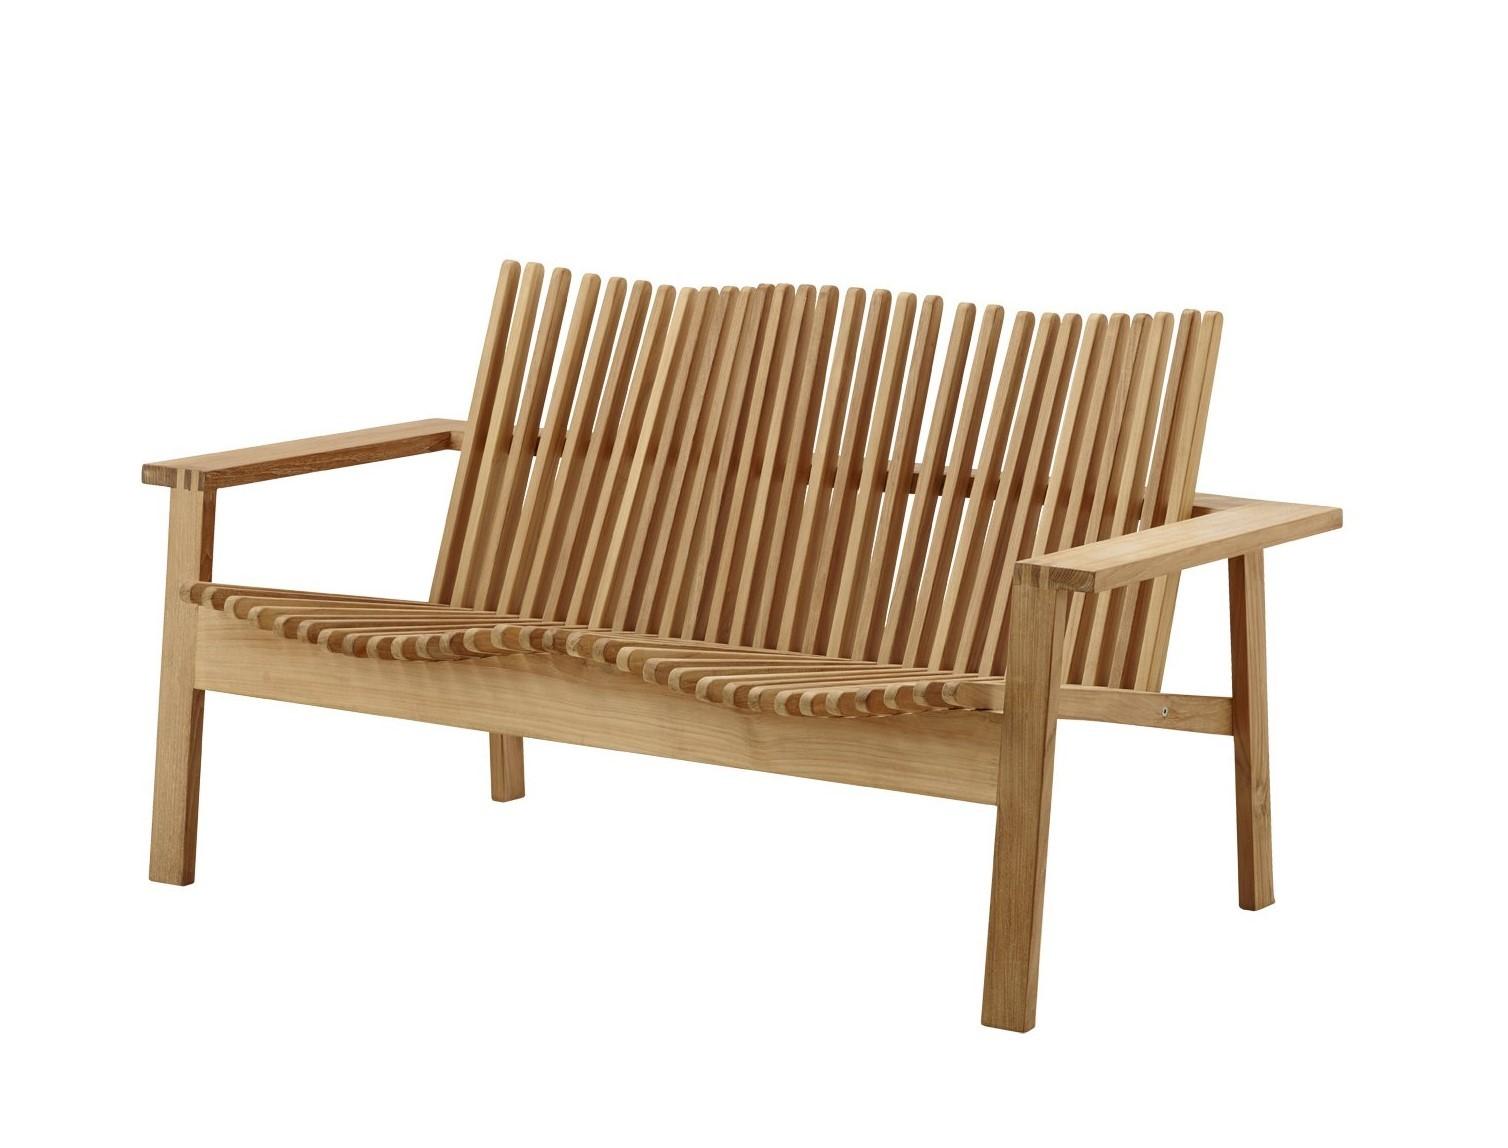 Amaze Outdoor 2-Sitzer Sofa Stapelbar Cane-Line